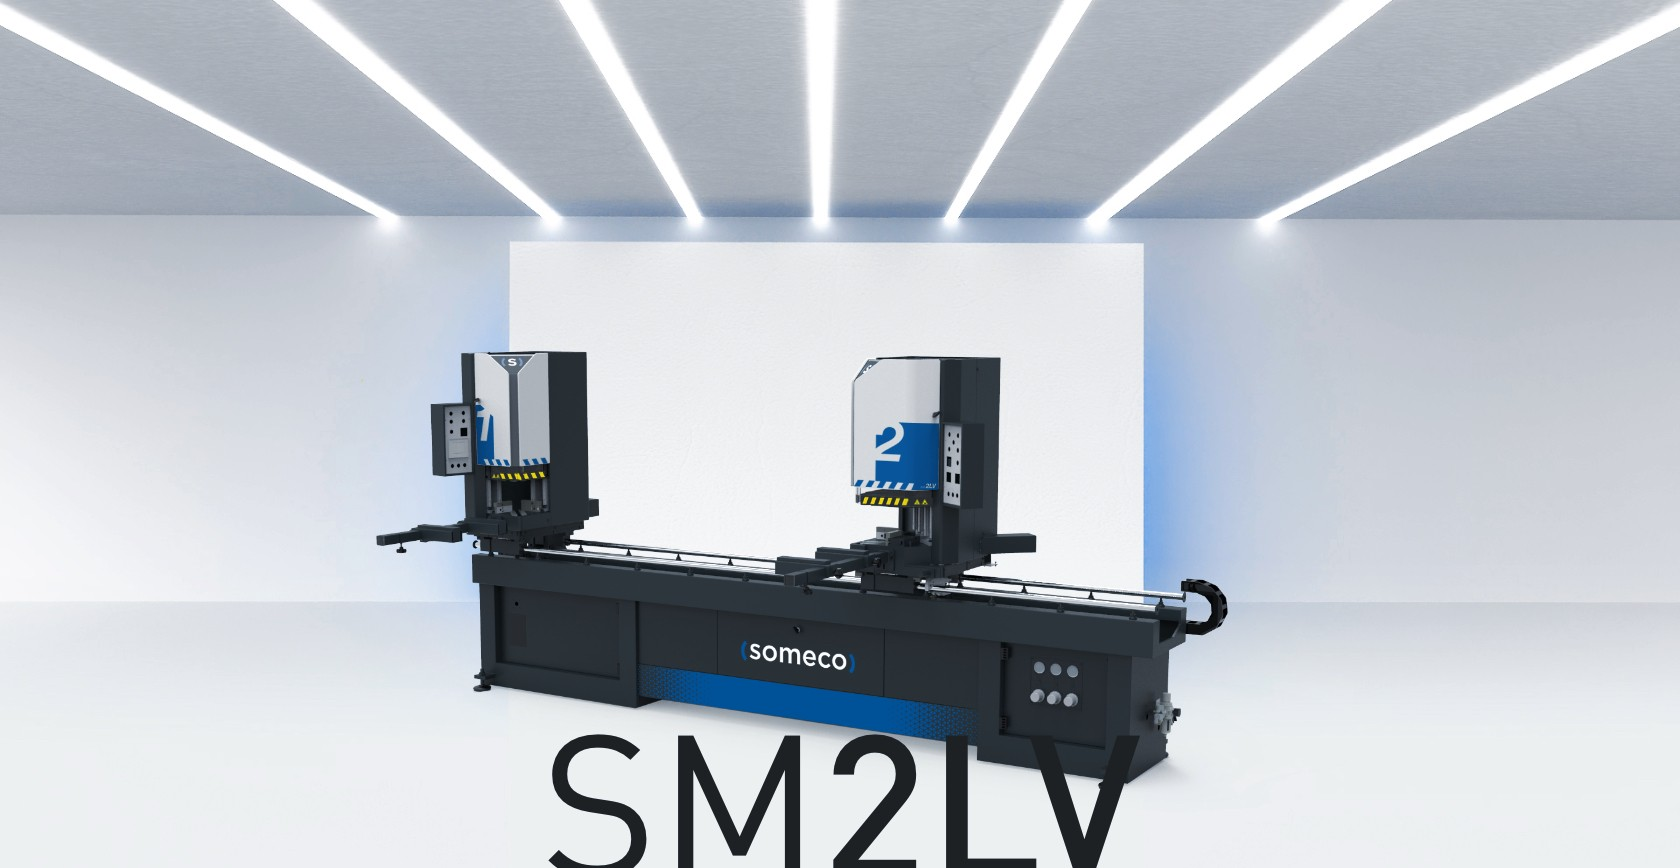 Someco SM 2LV